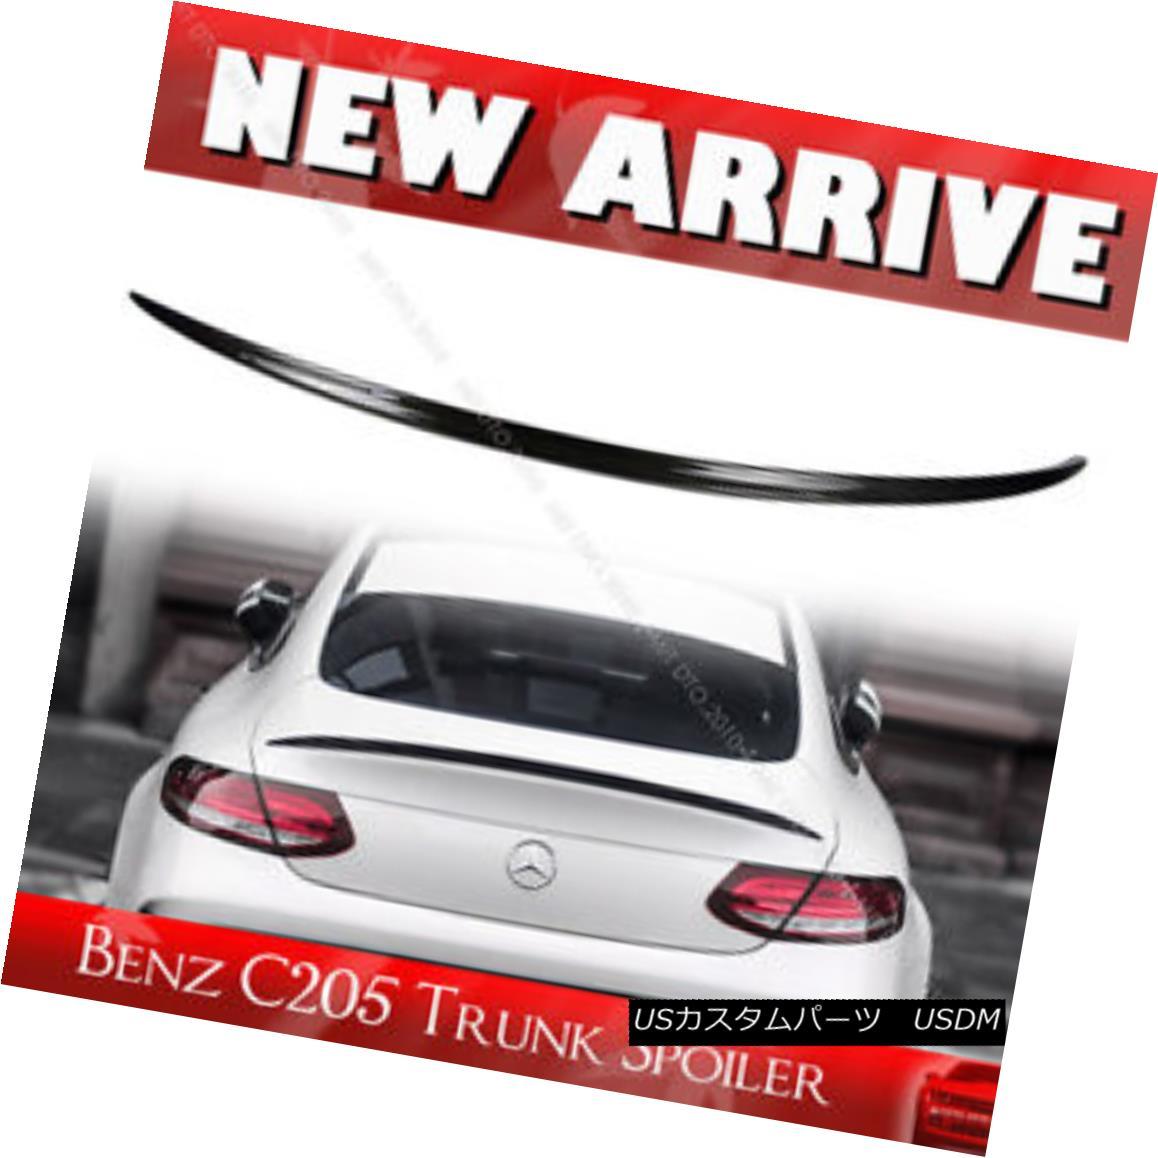 エアロパーツ Carbon Benz C Class C205 AM-Look Coupe Coup? Rear Trunk Spoiler Wing カーボン・ベンツCクラスC205 AMルック・クーペ・クーペリア・トランク・スポイラー・ウィング